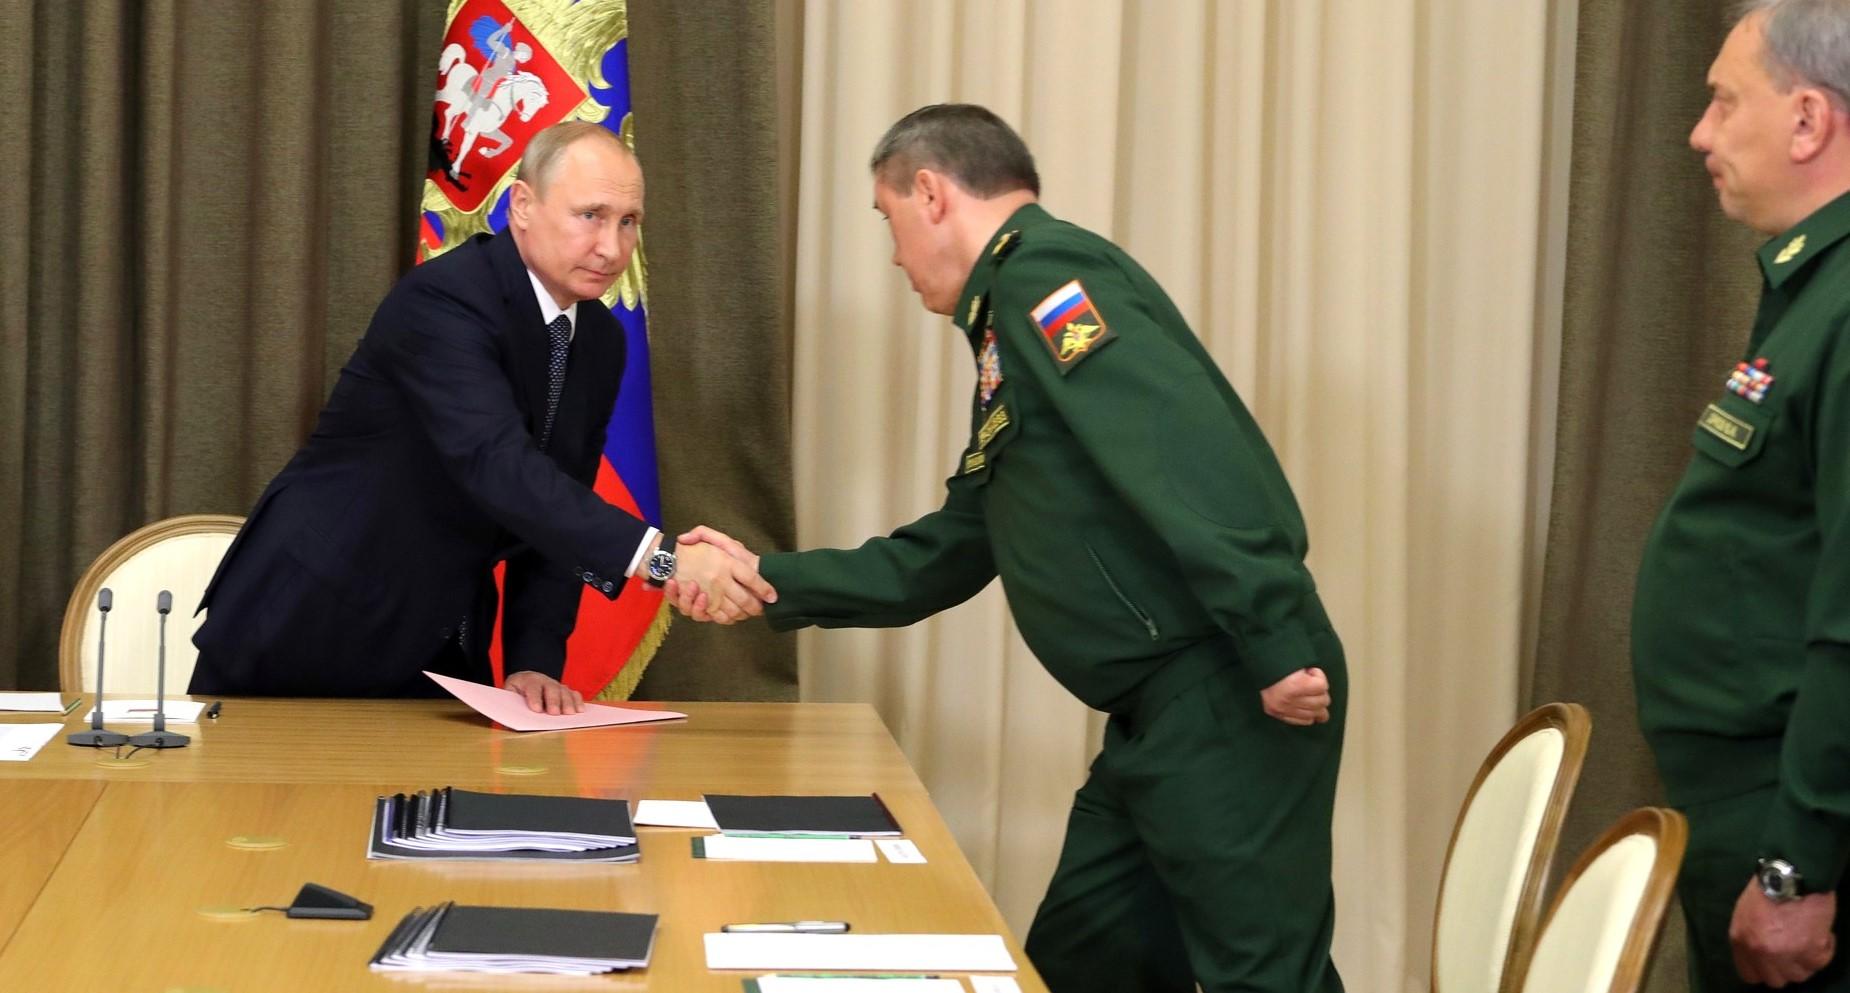 Владимир Путин назвал приоритеты развития вооруженных сил (видео)